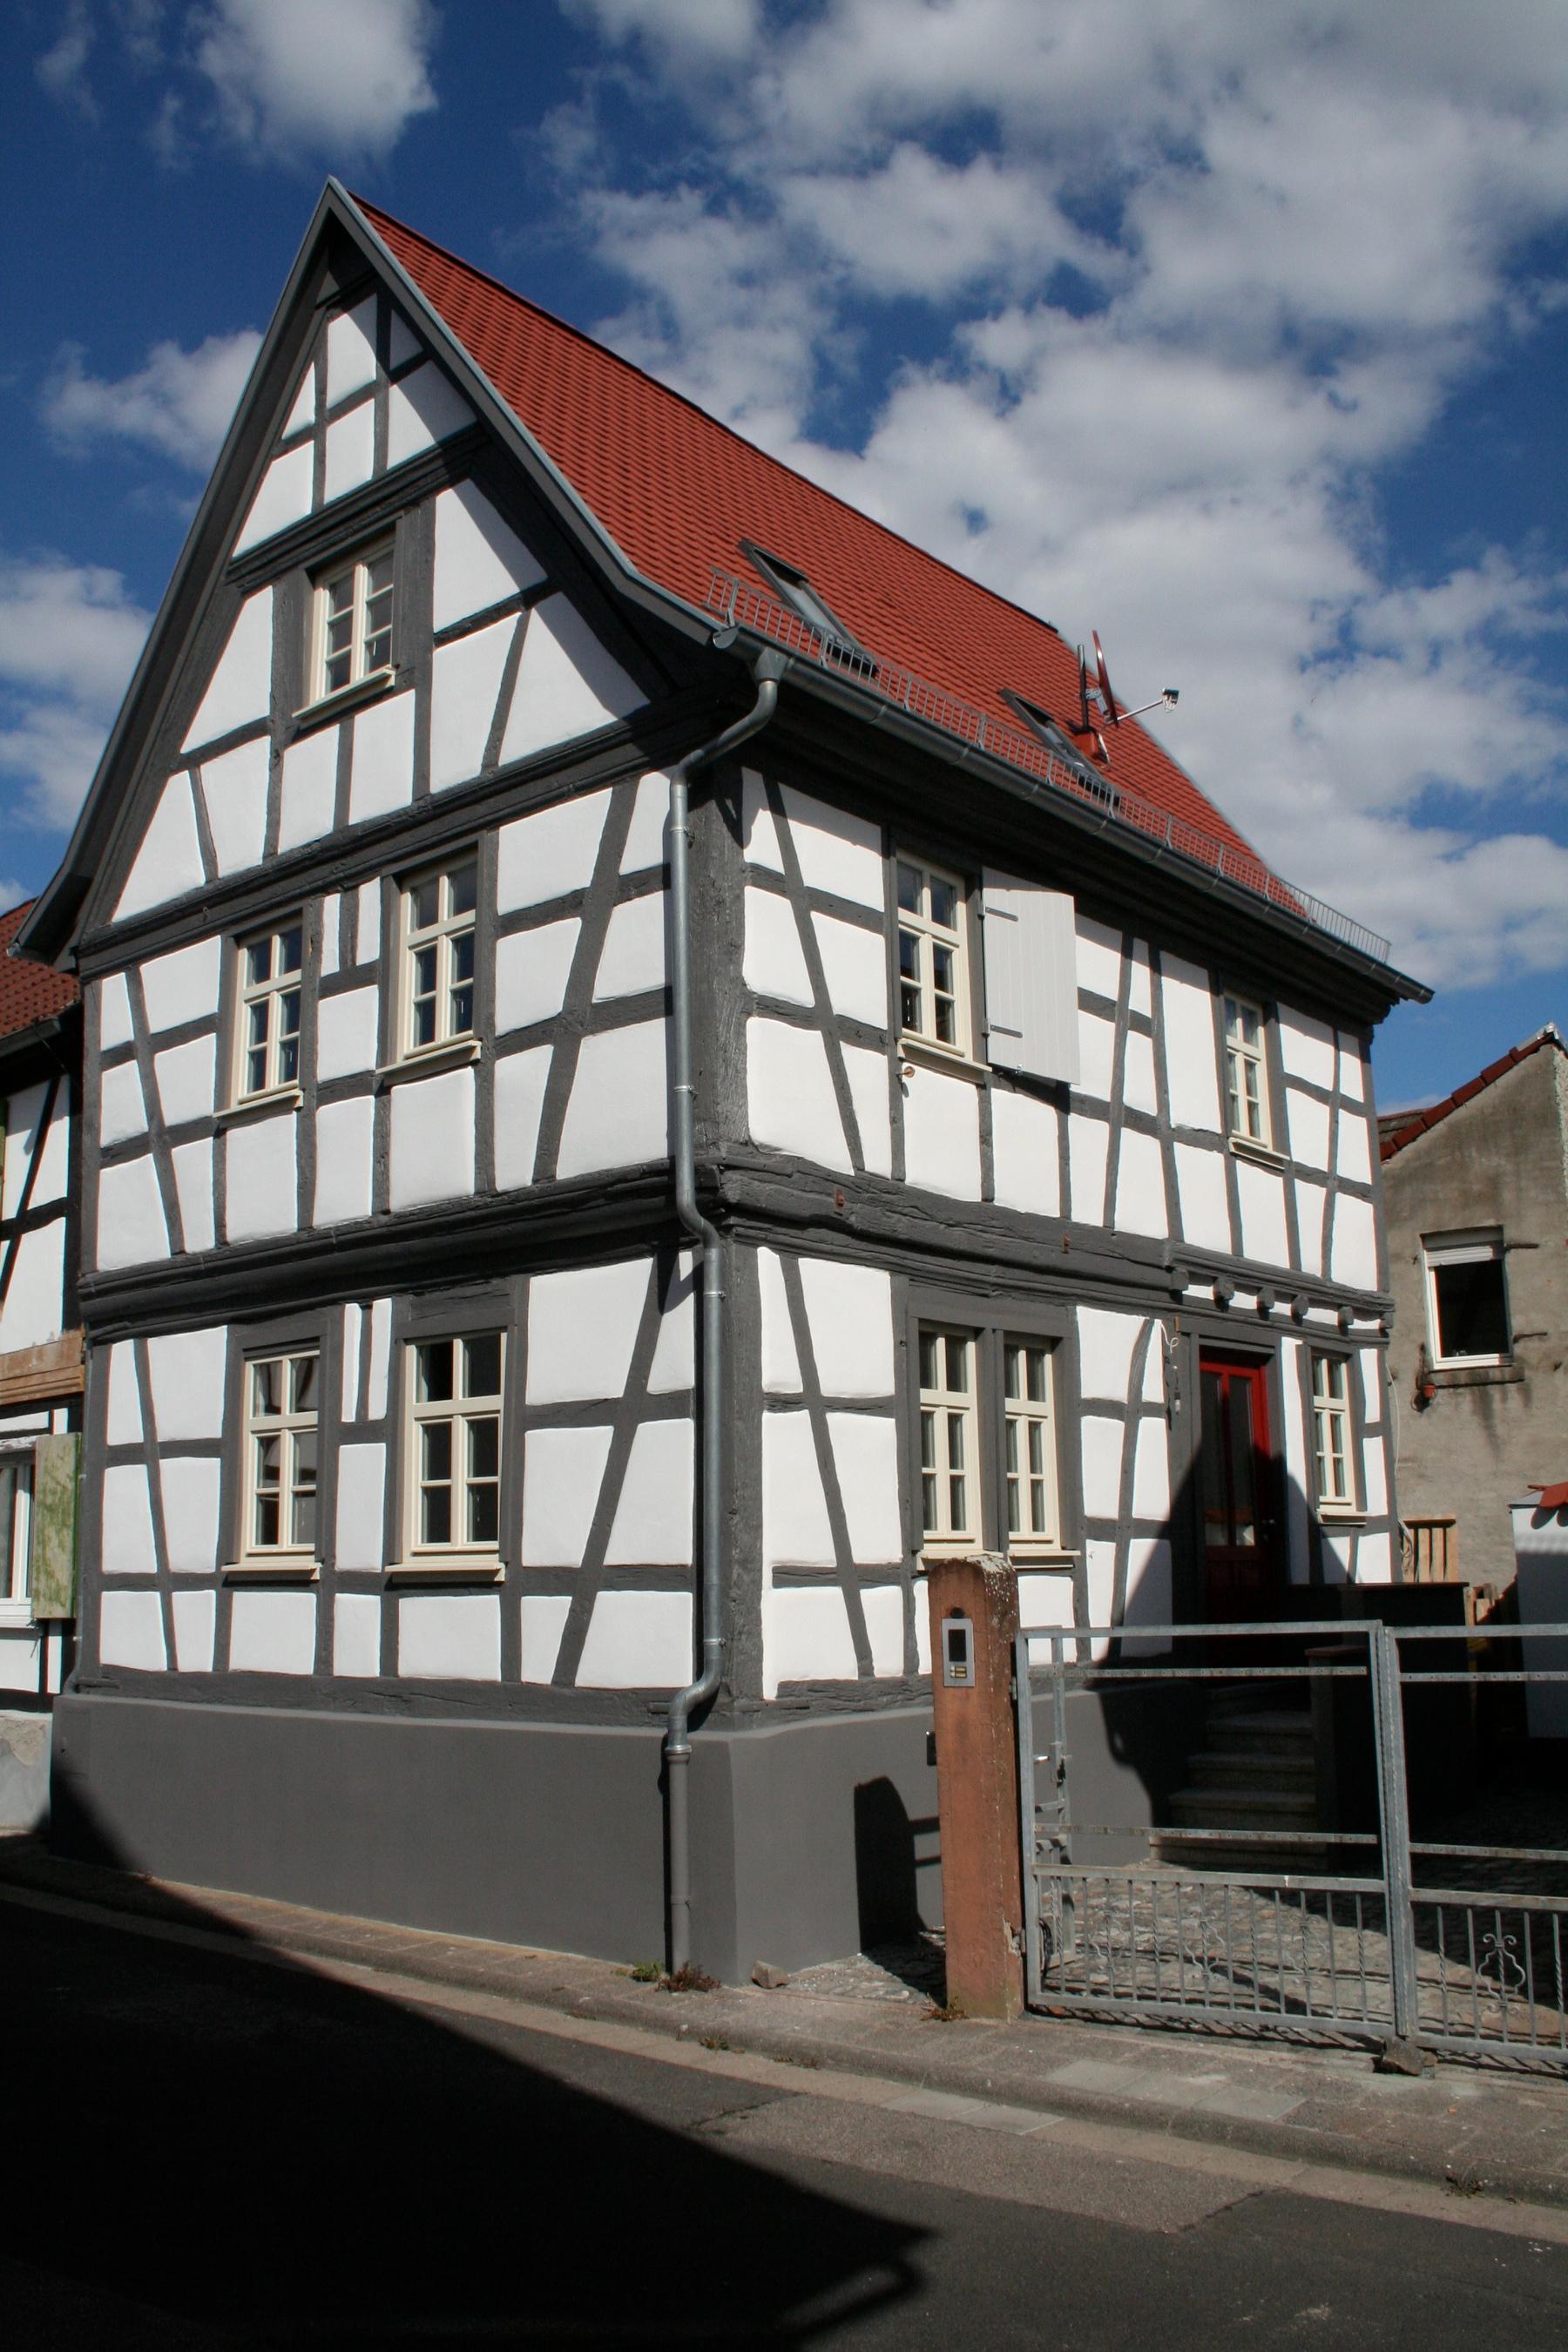 Sanierung / Erweiterung eines denkmalgeschützten Ensembles in Hanau